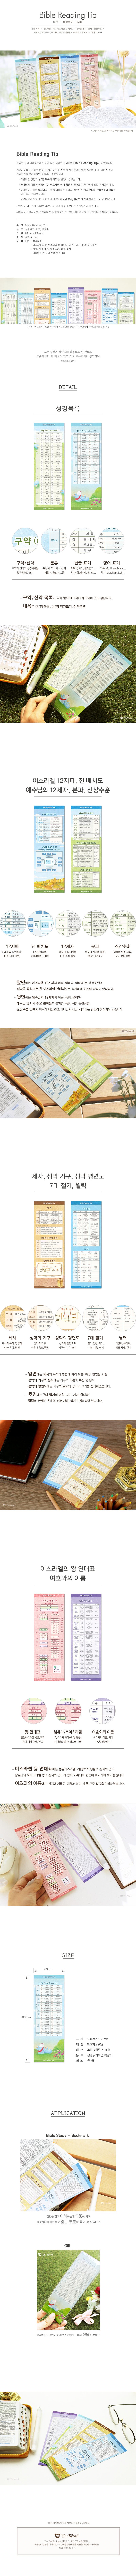 바이블 Reading Tip 책갈피 - 더워드, 1,000원, 북마크/책갈피, 심플